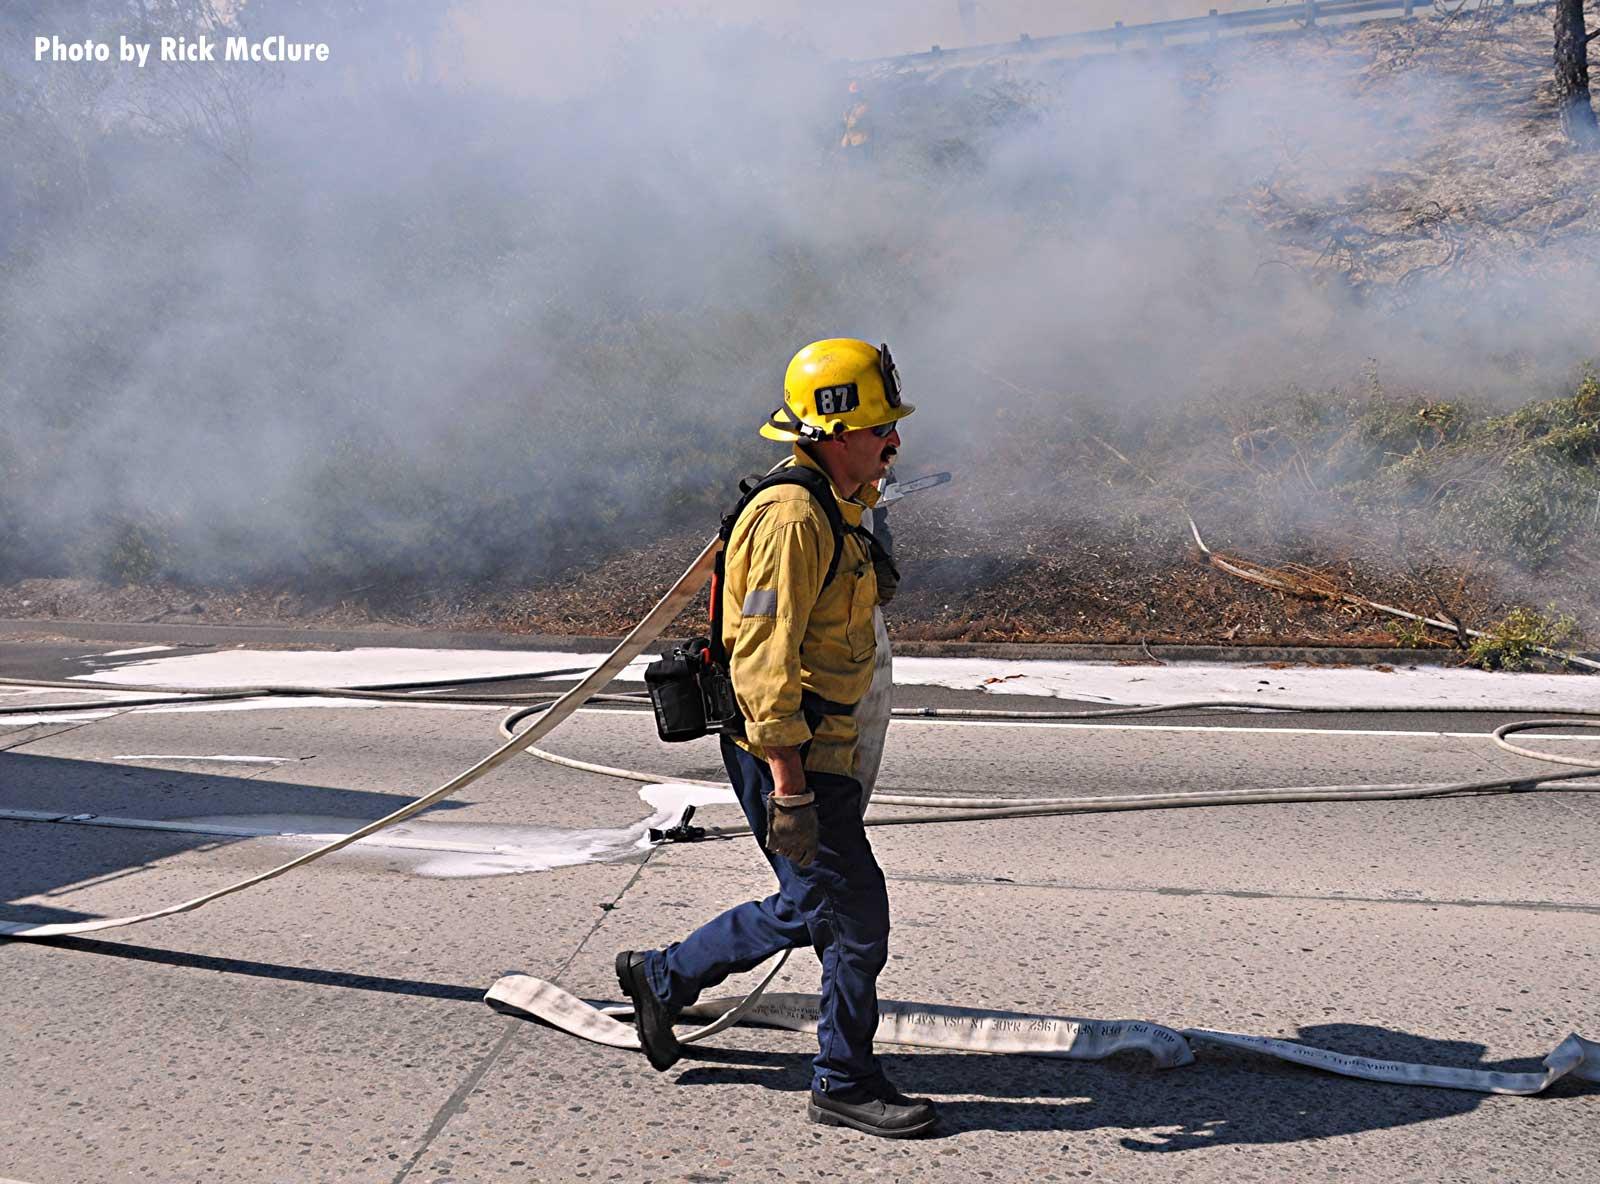 Firefighter walking along the roadway in brush fire smoke